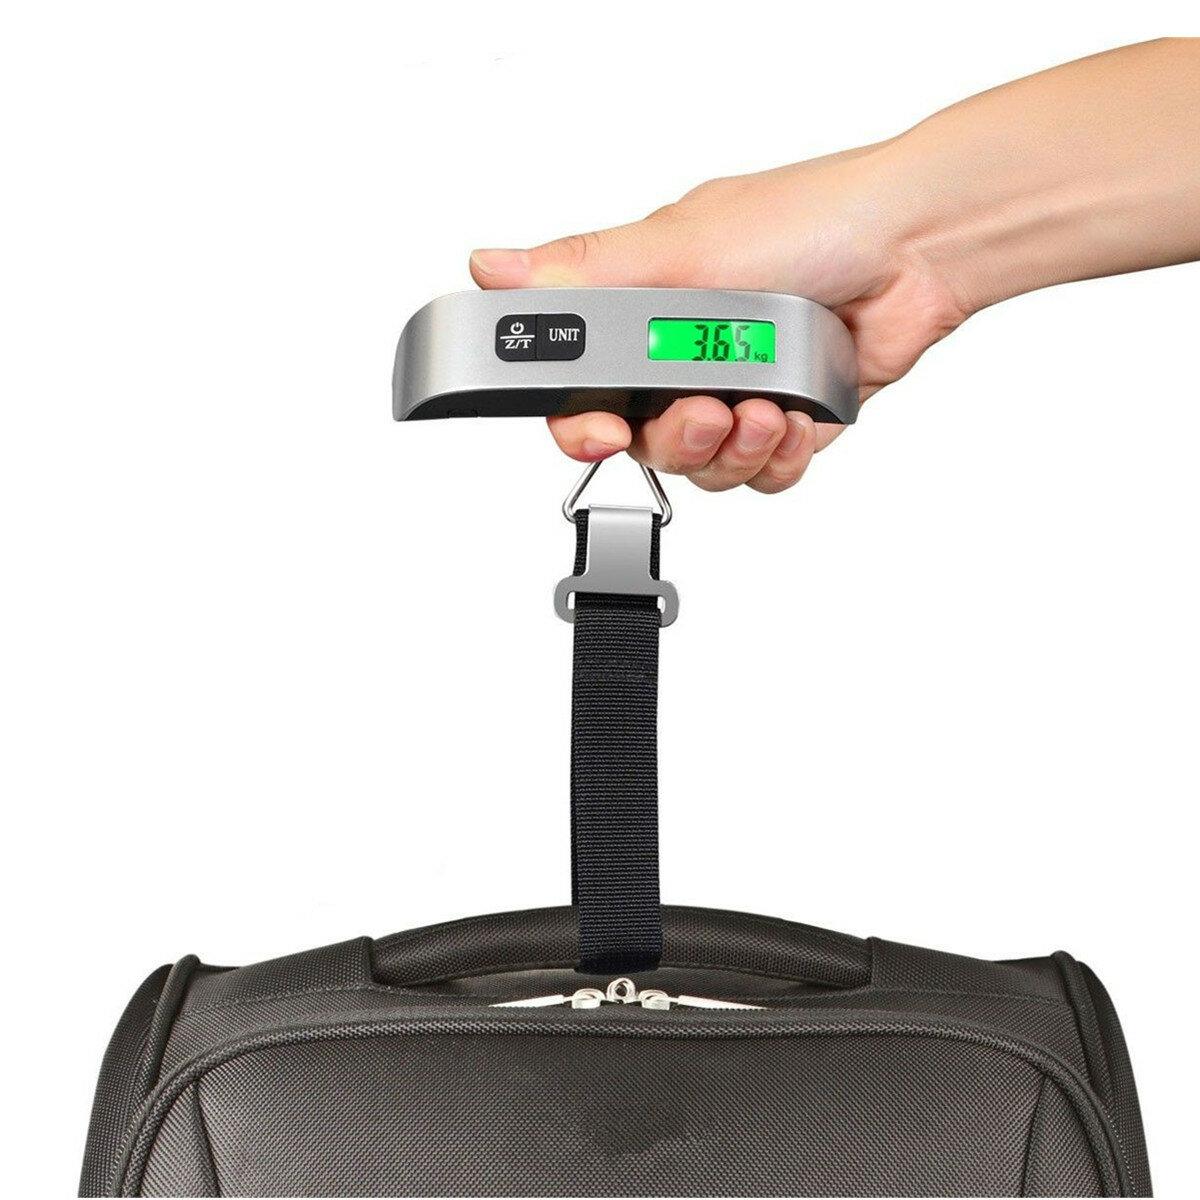 Poids accrochant 110lb 50kg de crochet d'affichage de voyage d'affichage numérique de la balance LCD de Digital